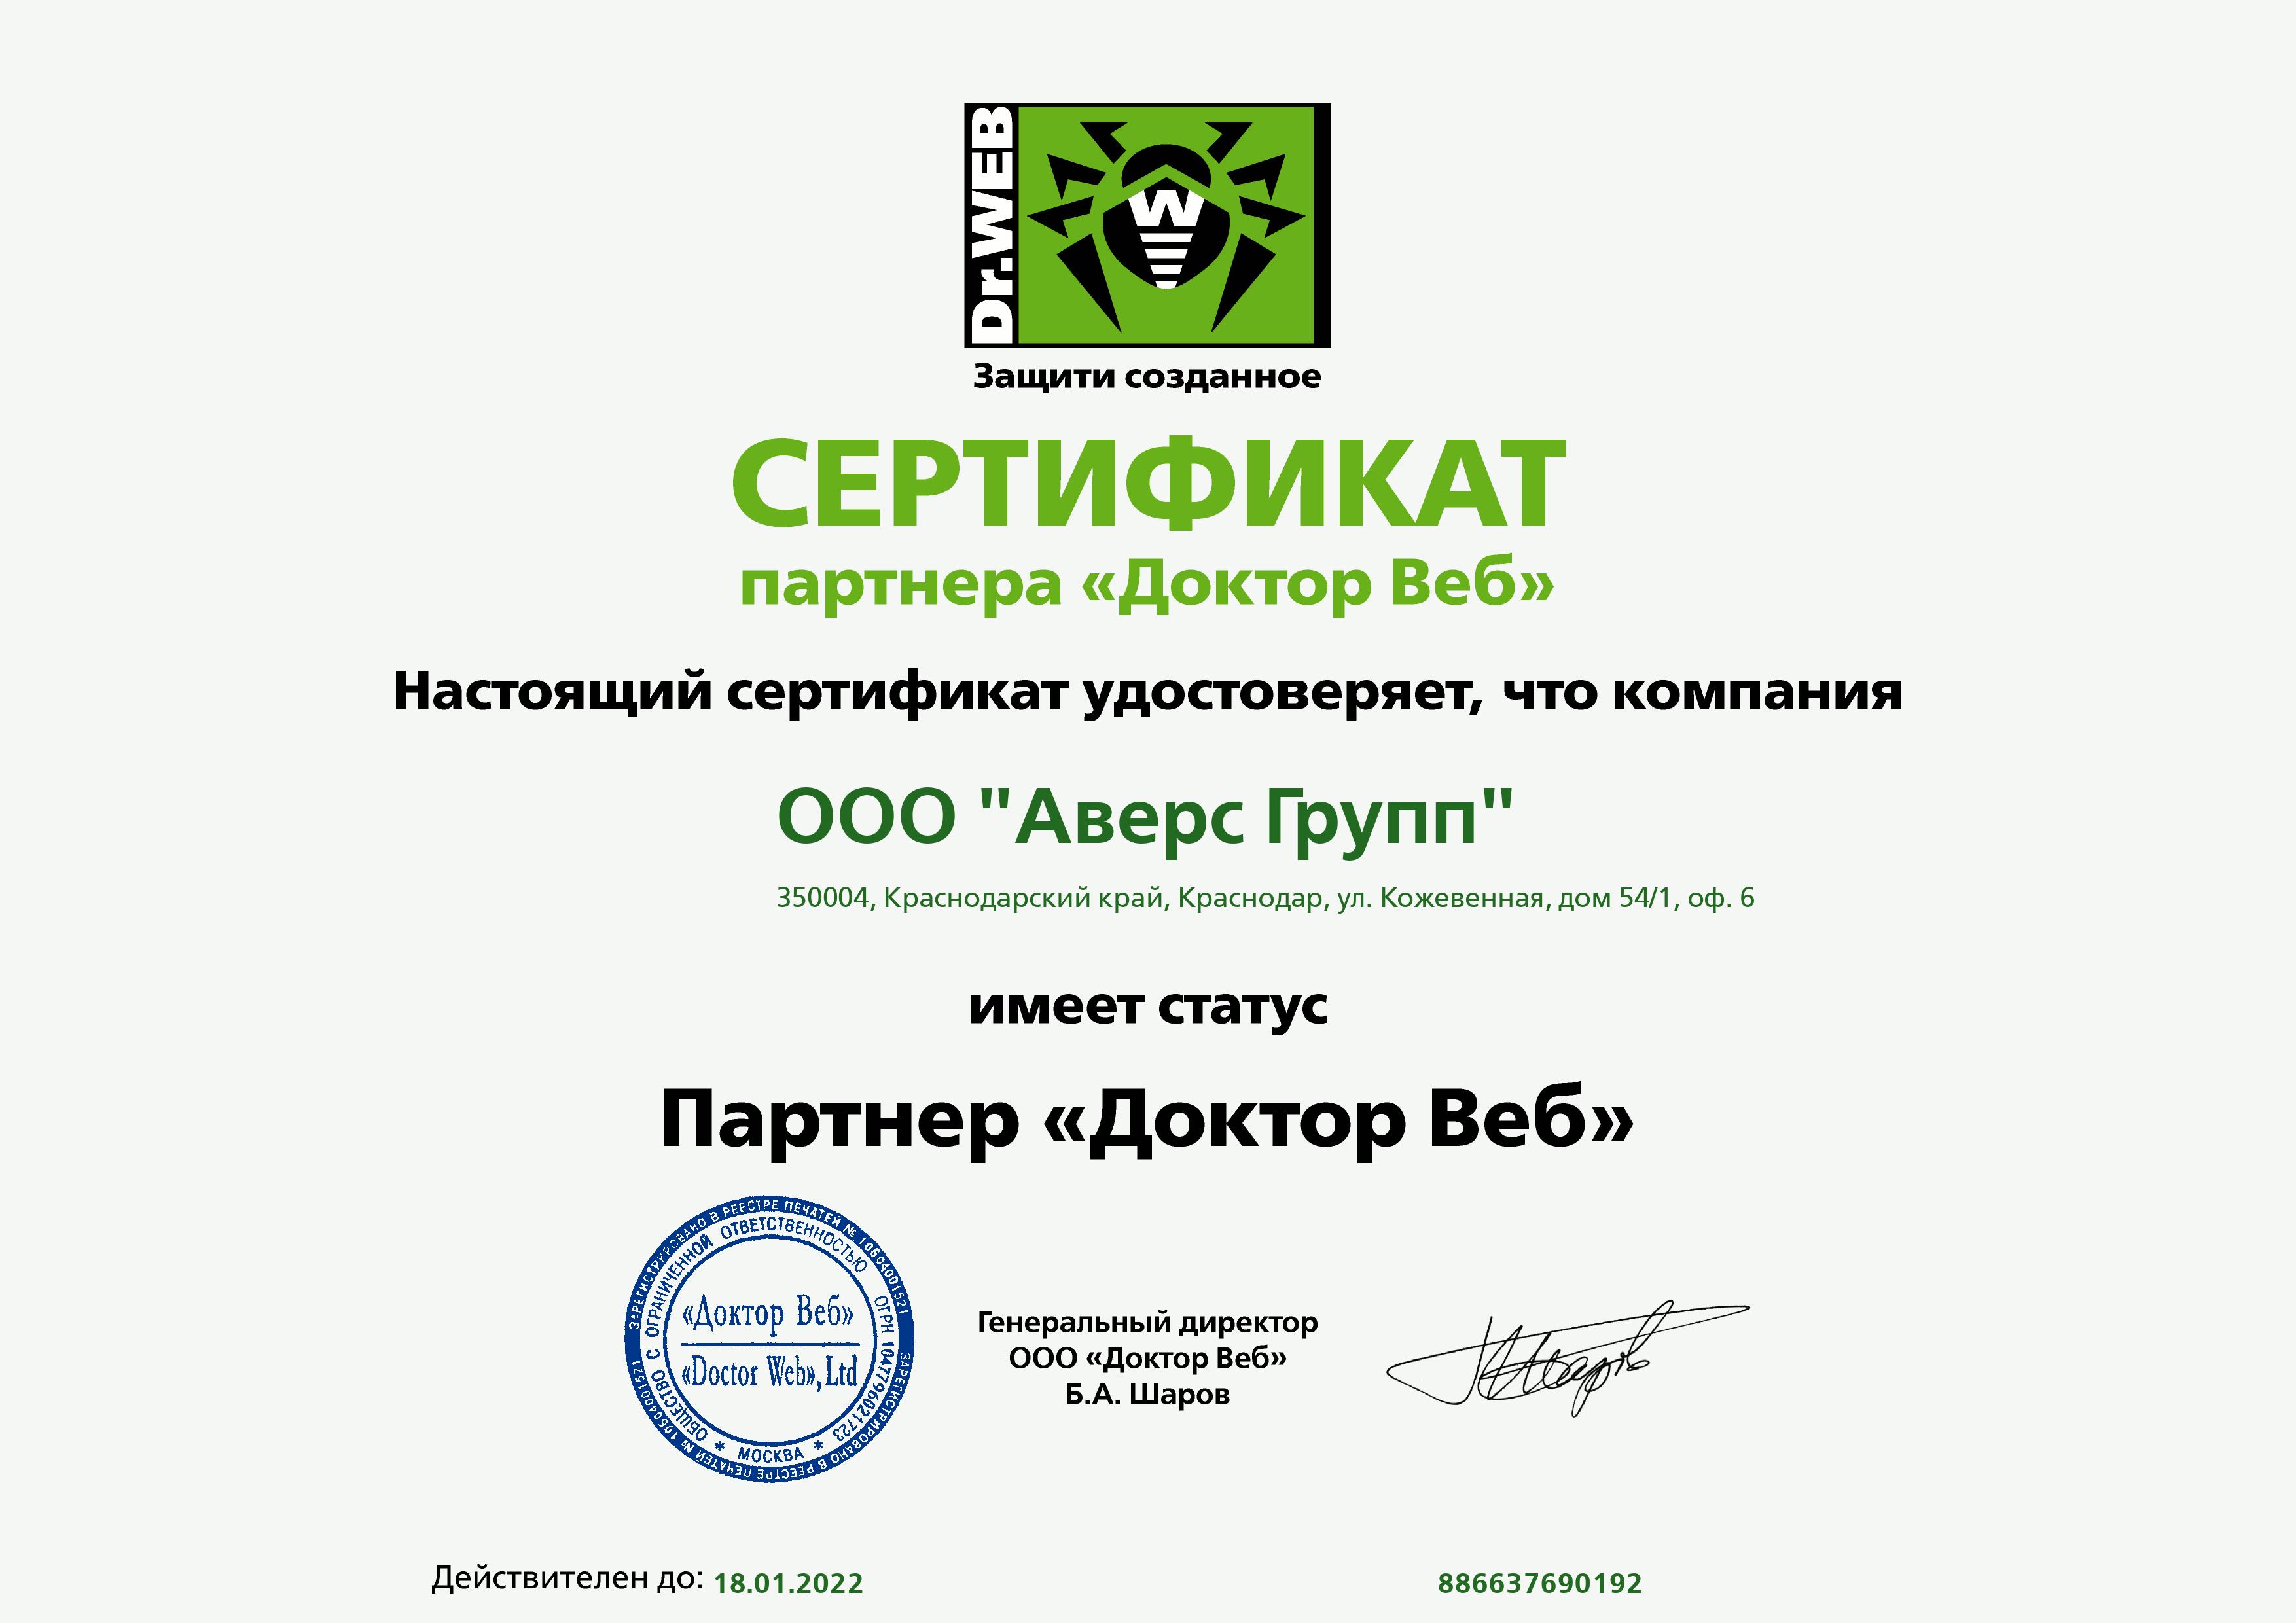 Сертификат партнера Dr.WEB 2021